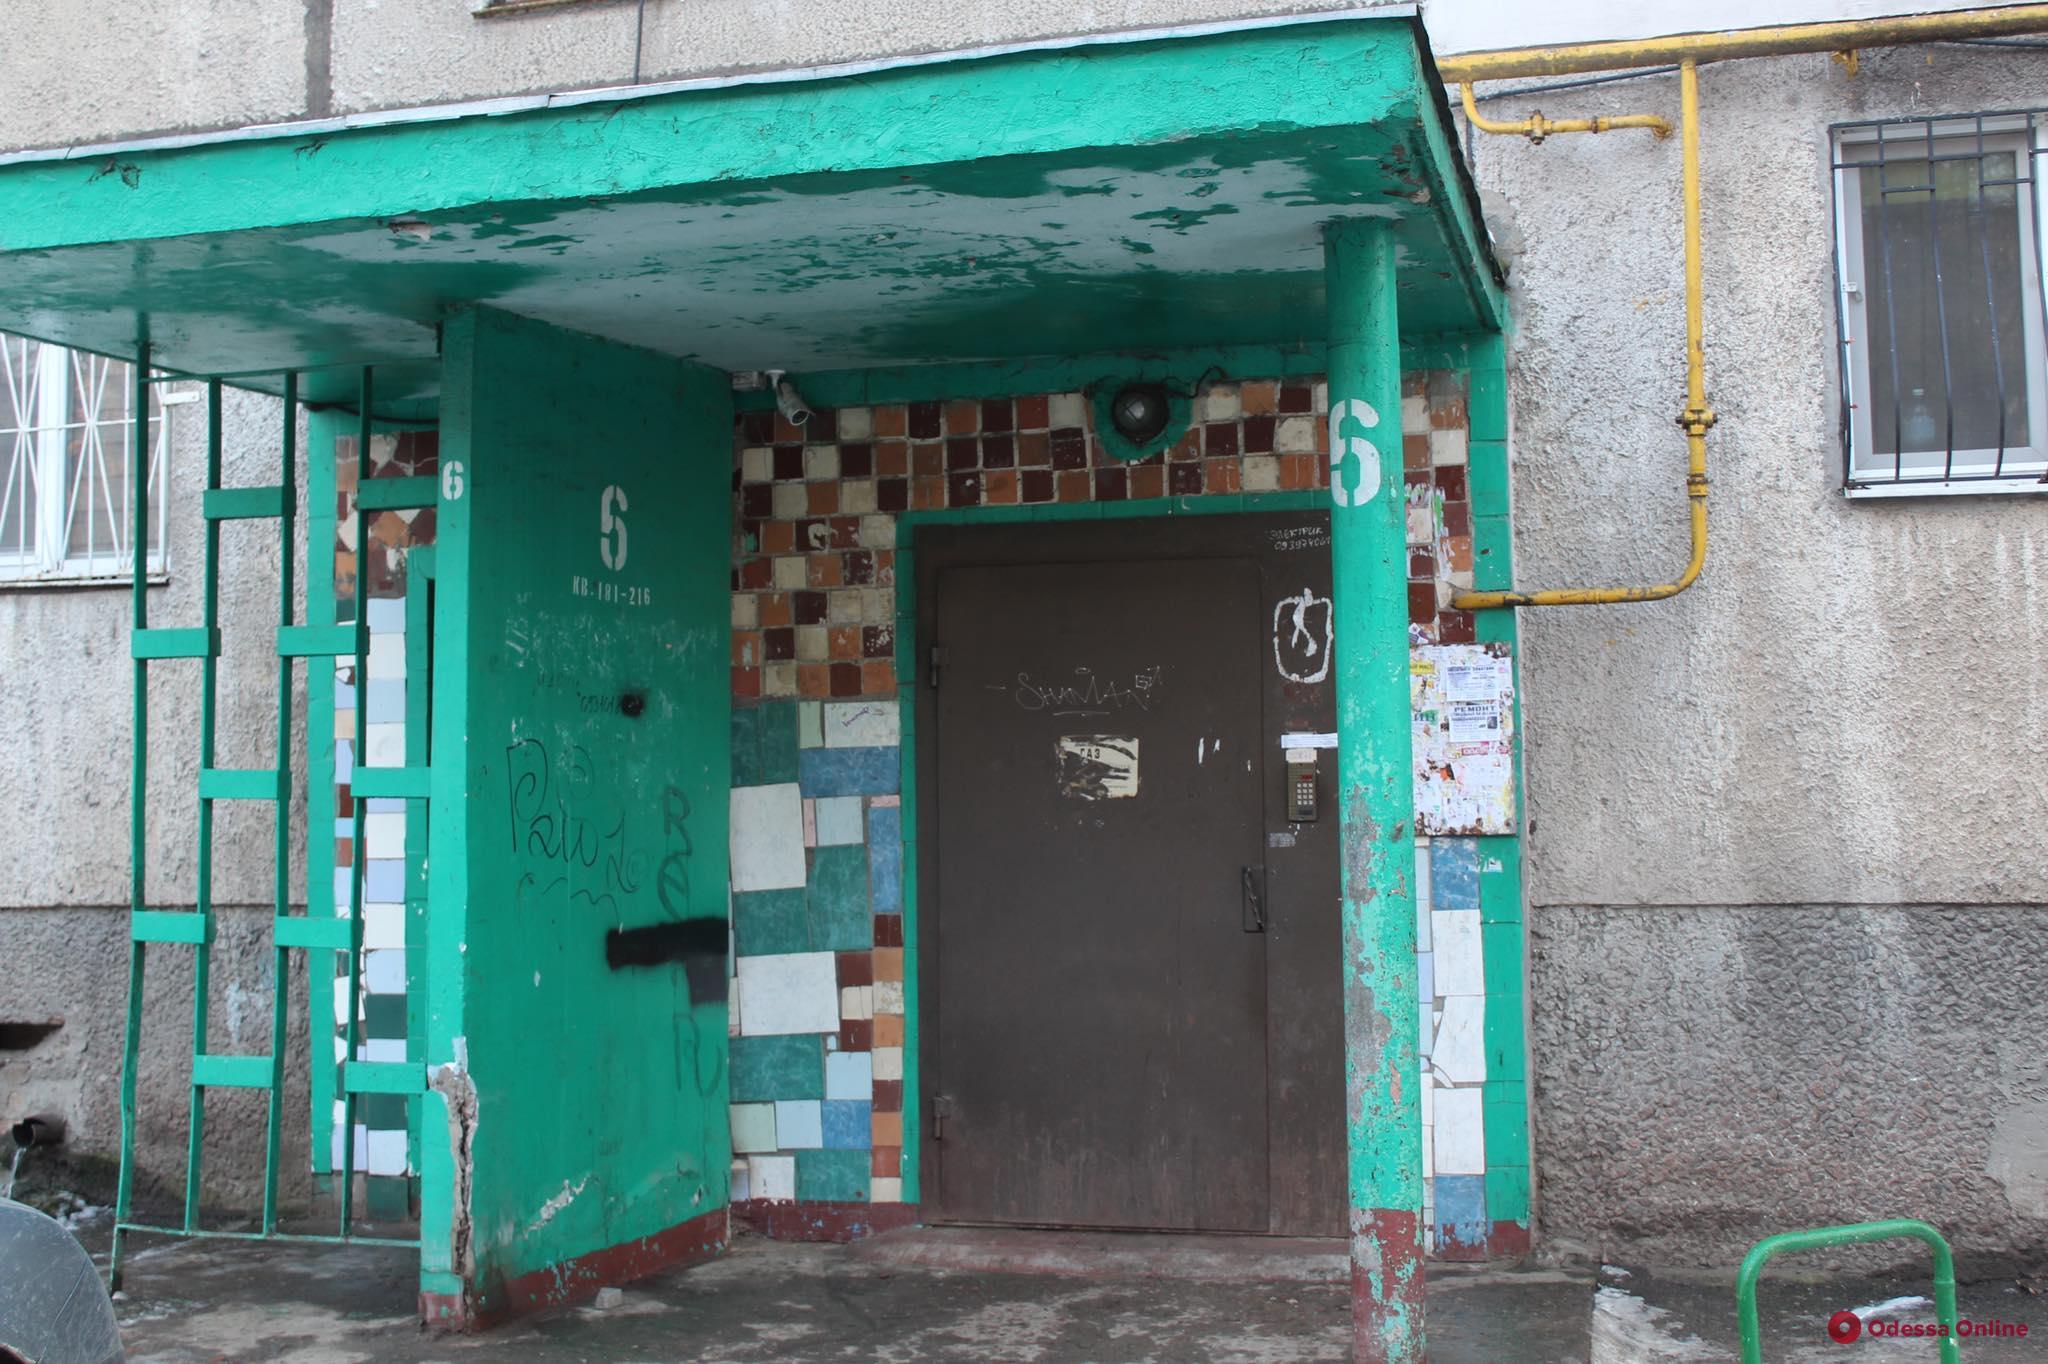 Жестокое преступление на Таирова: убийца жил тихо и ничем не выделялся